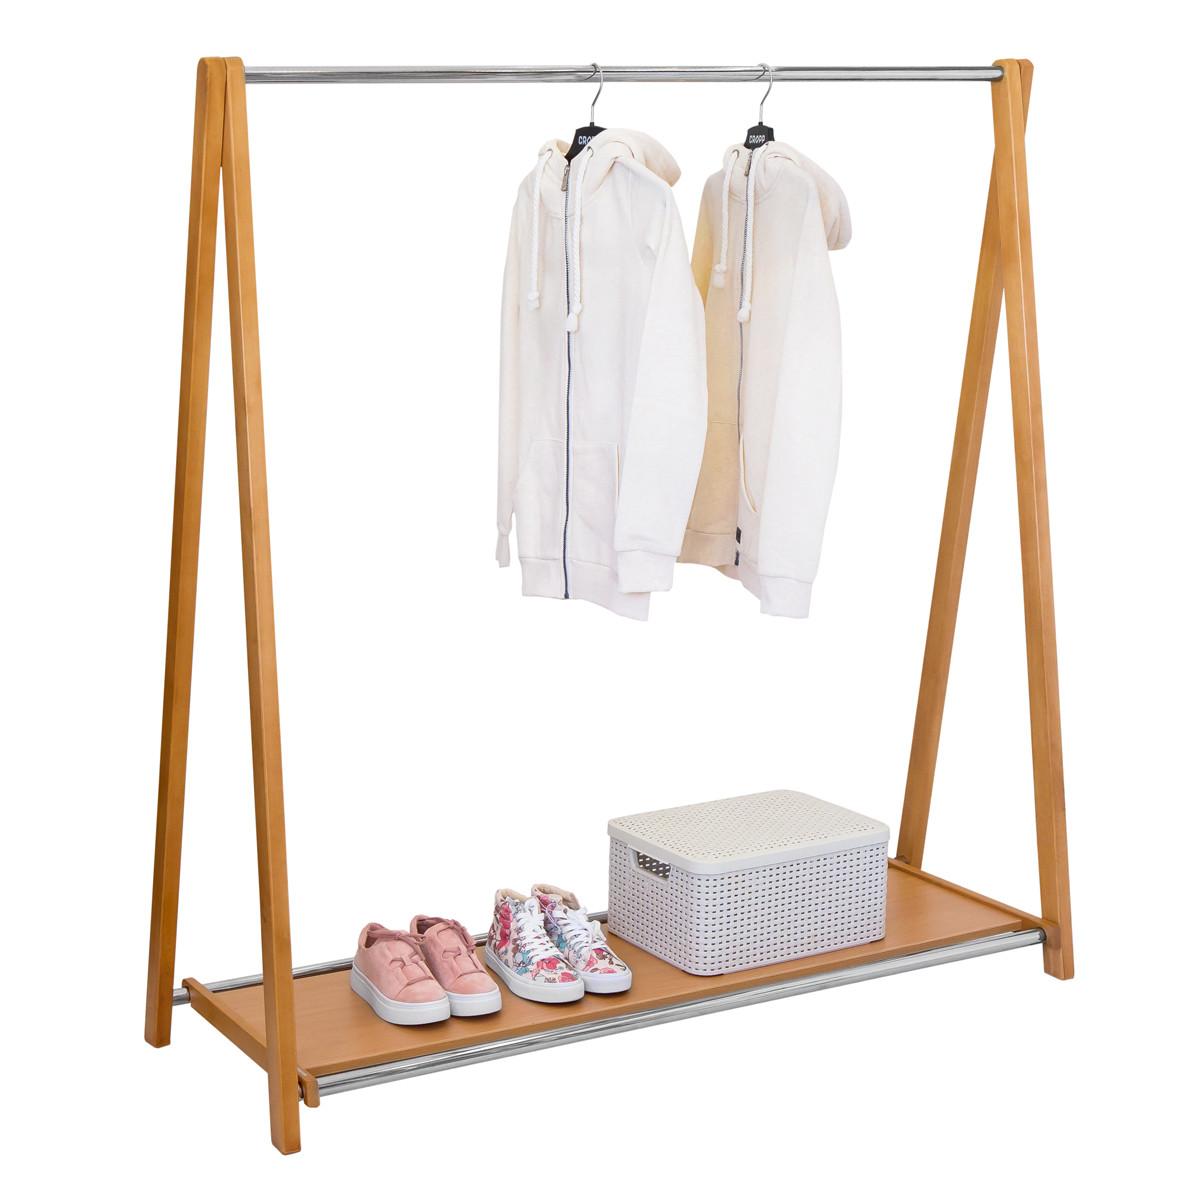 вешалка напольная деревянная для одежды модус 2п 146x150x485 продажа цена в киеве вешалки для одежды от фенстер Wood